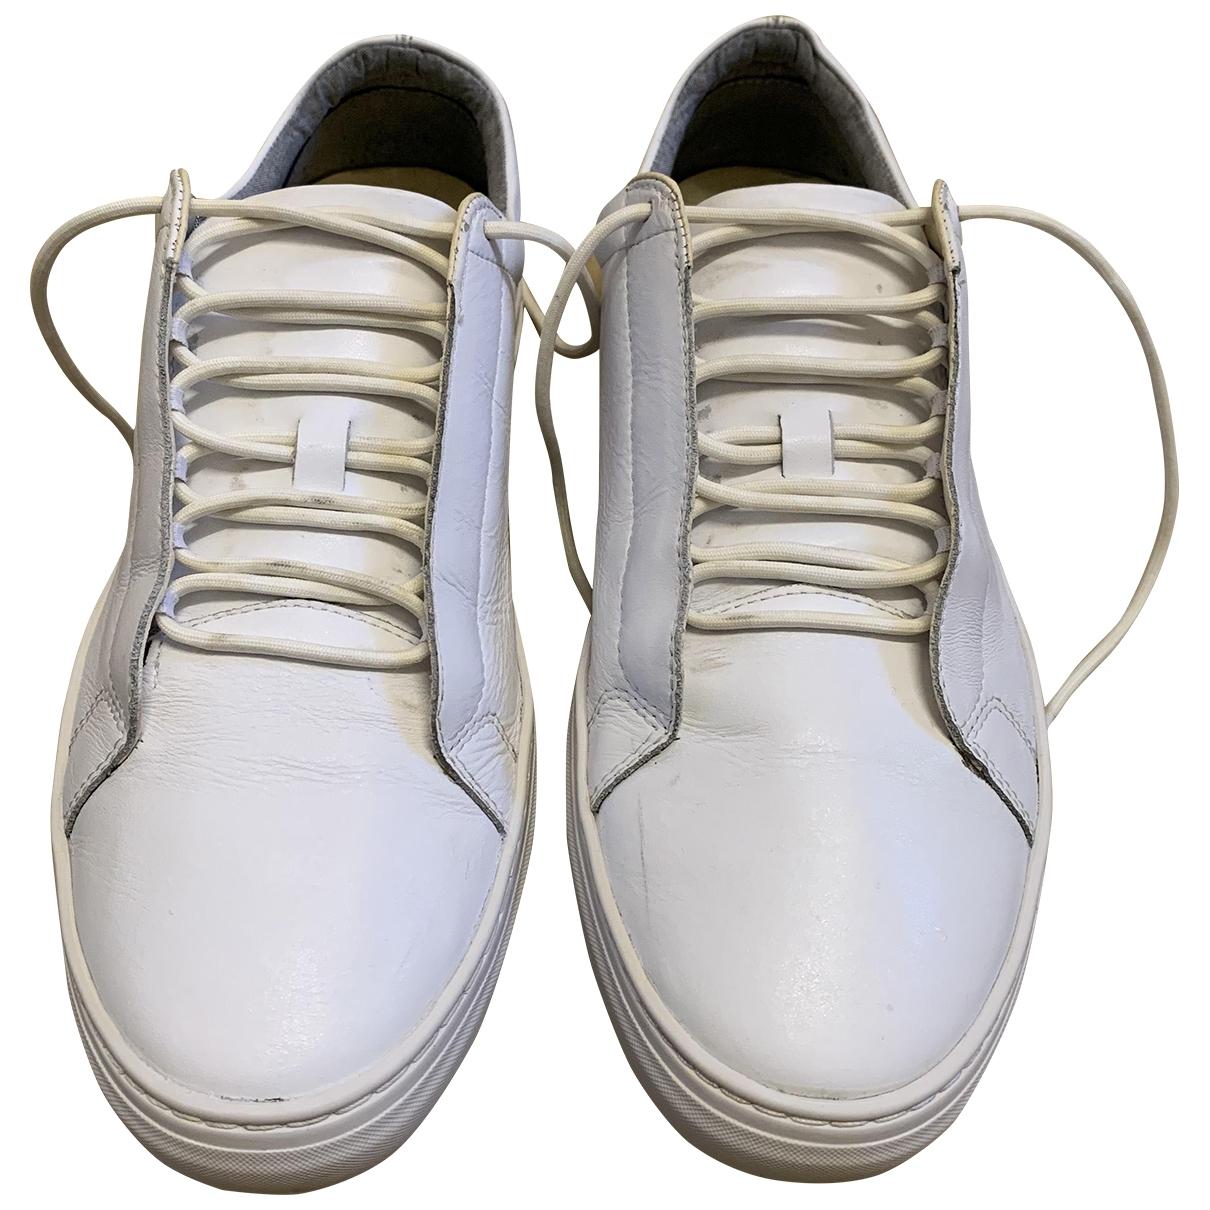 Vagabond \N Sneakers in  Weiss Leder